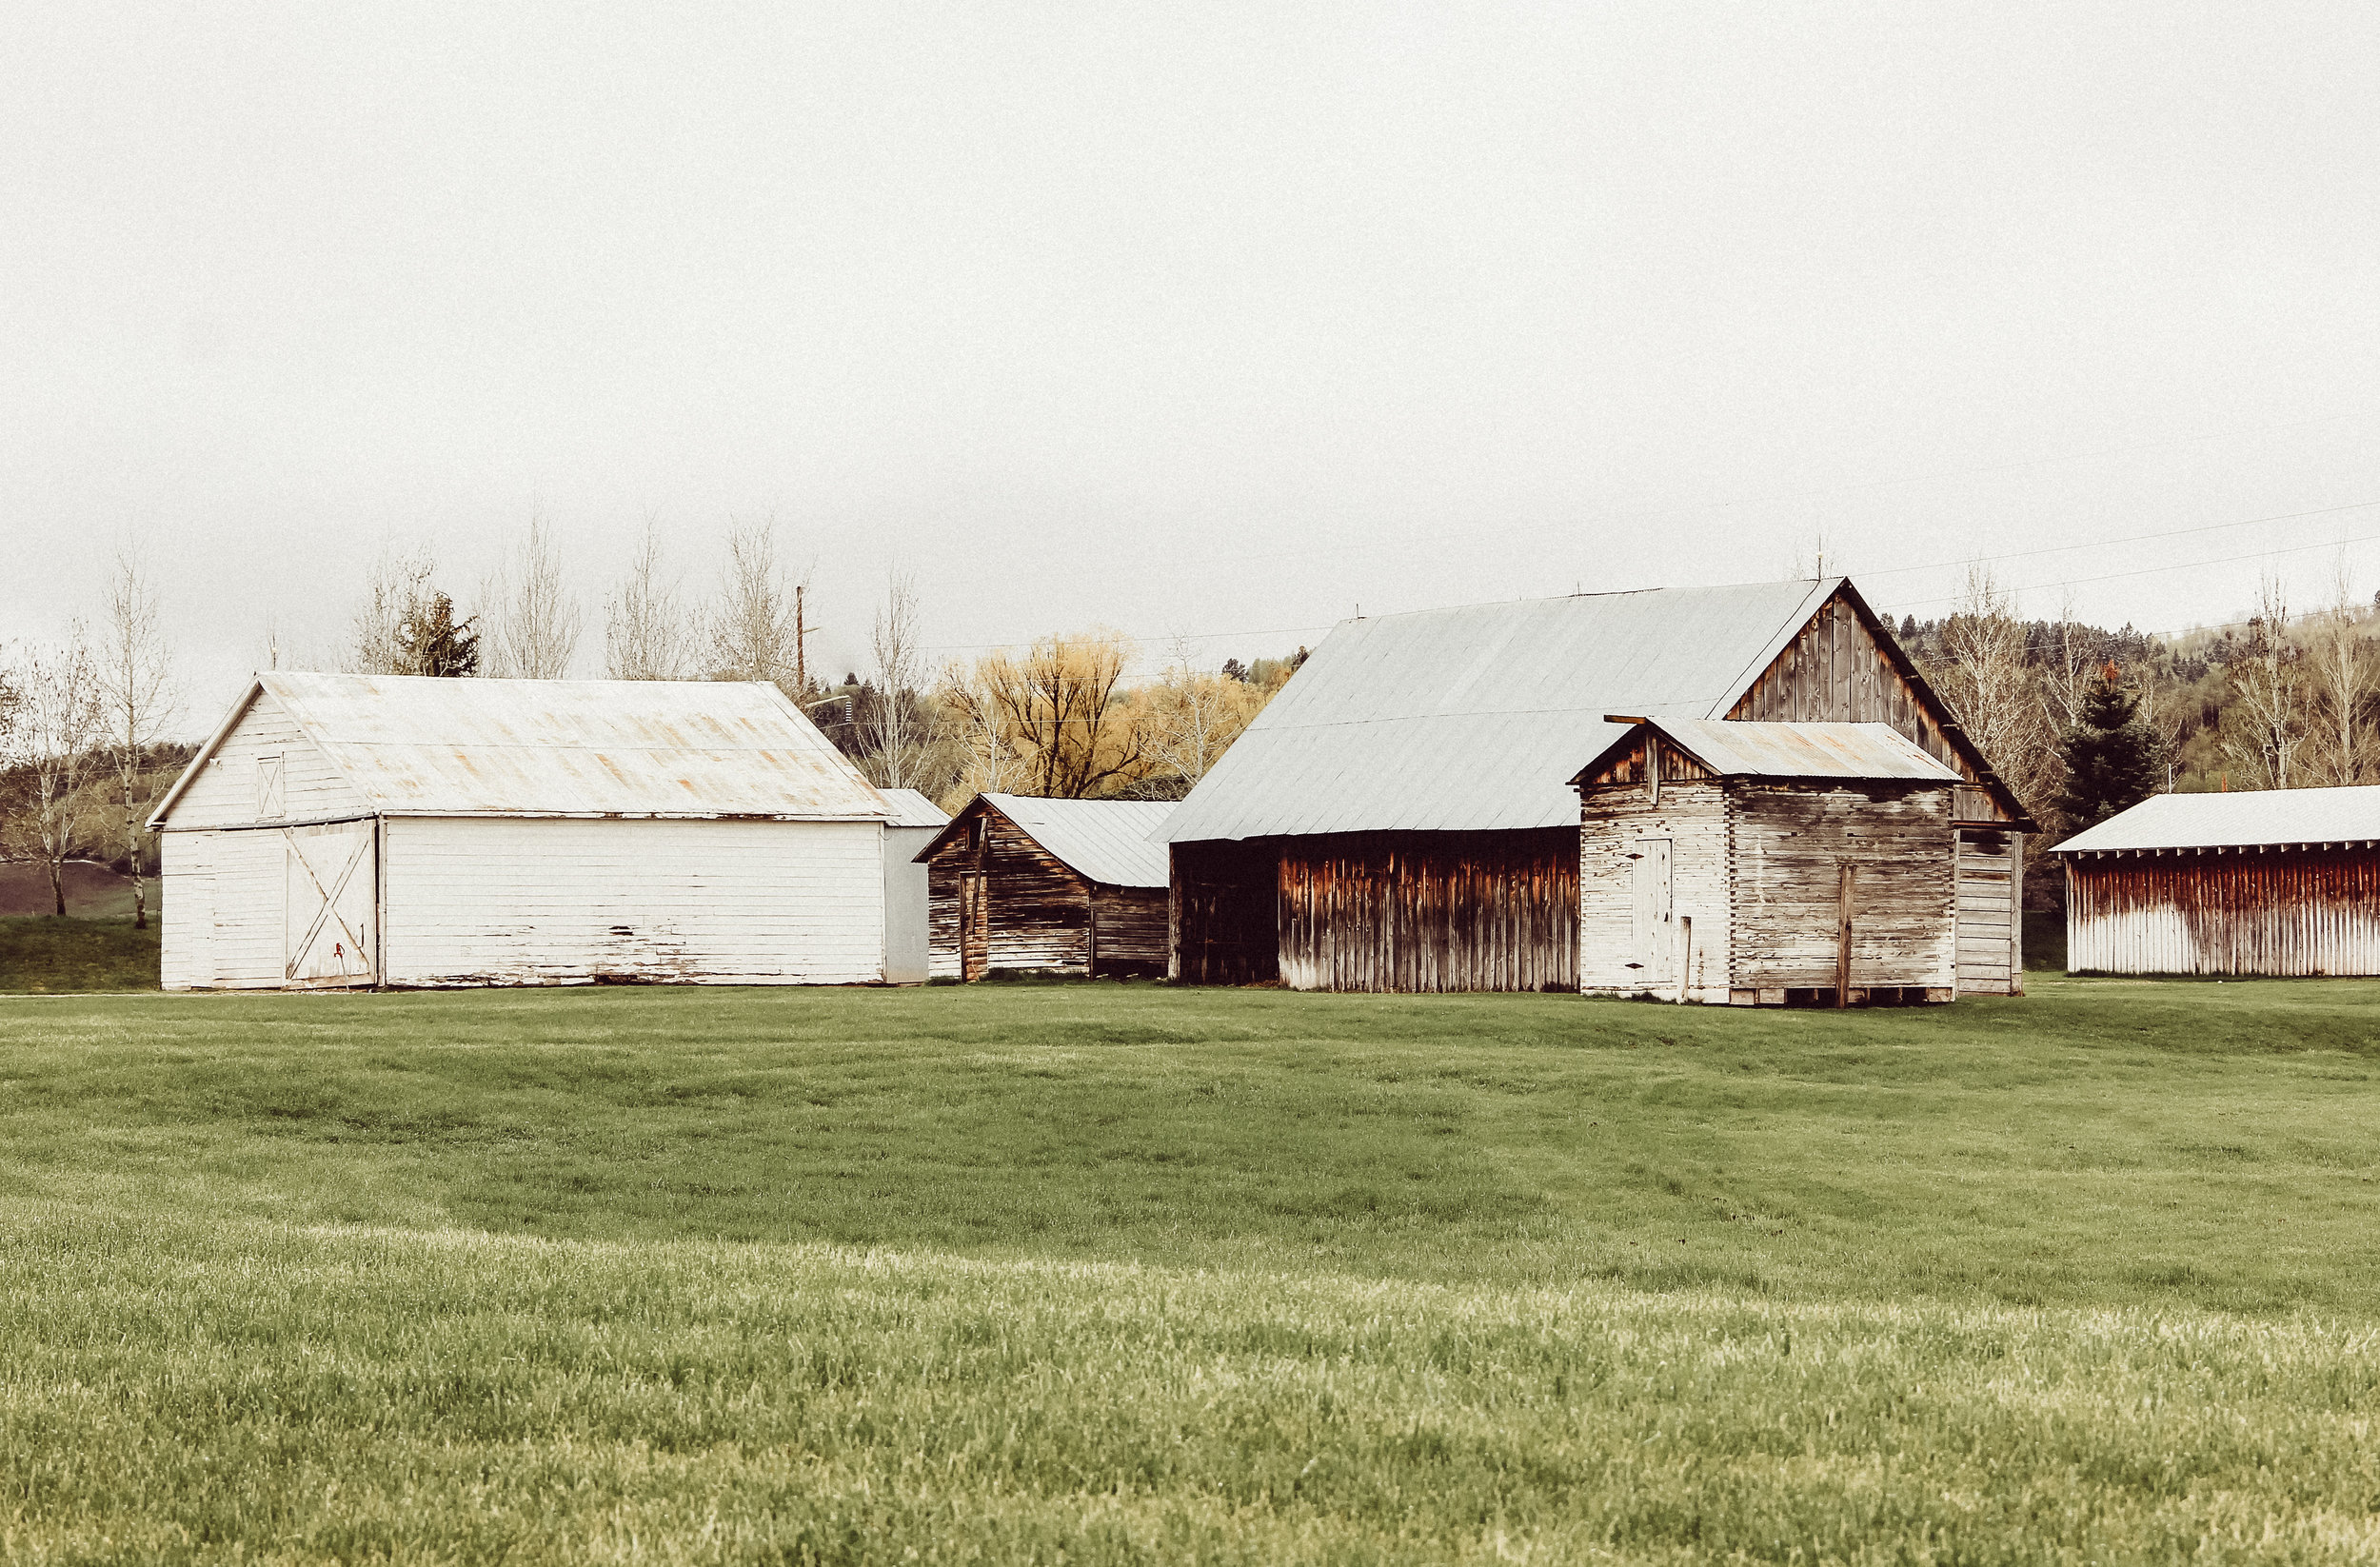 The barns at Jackknife Creek Ranch